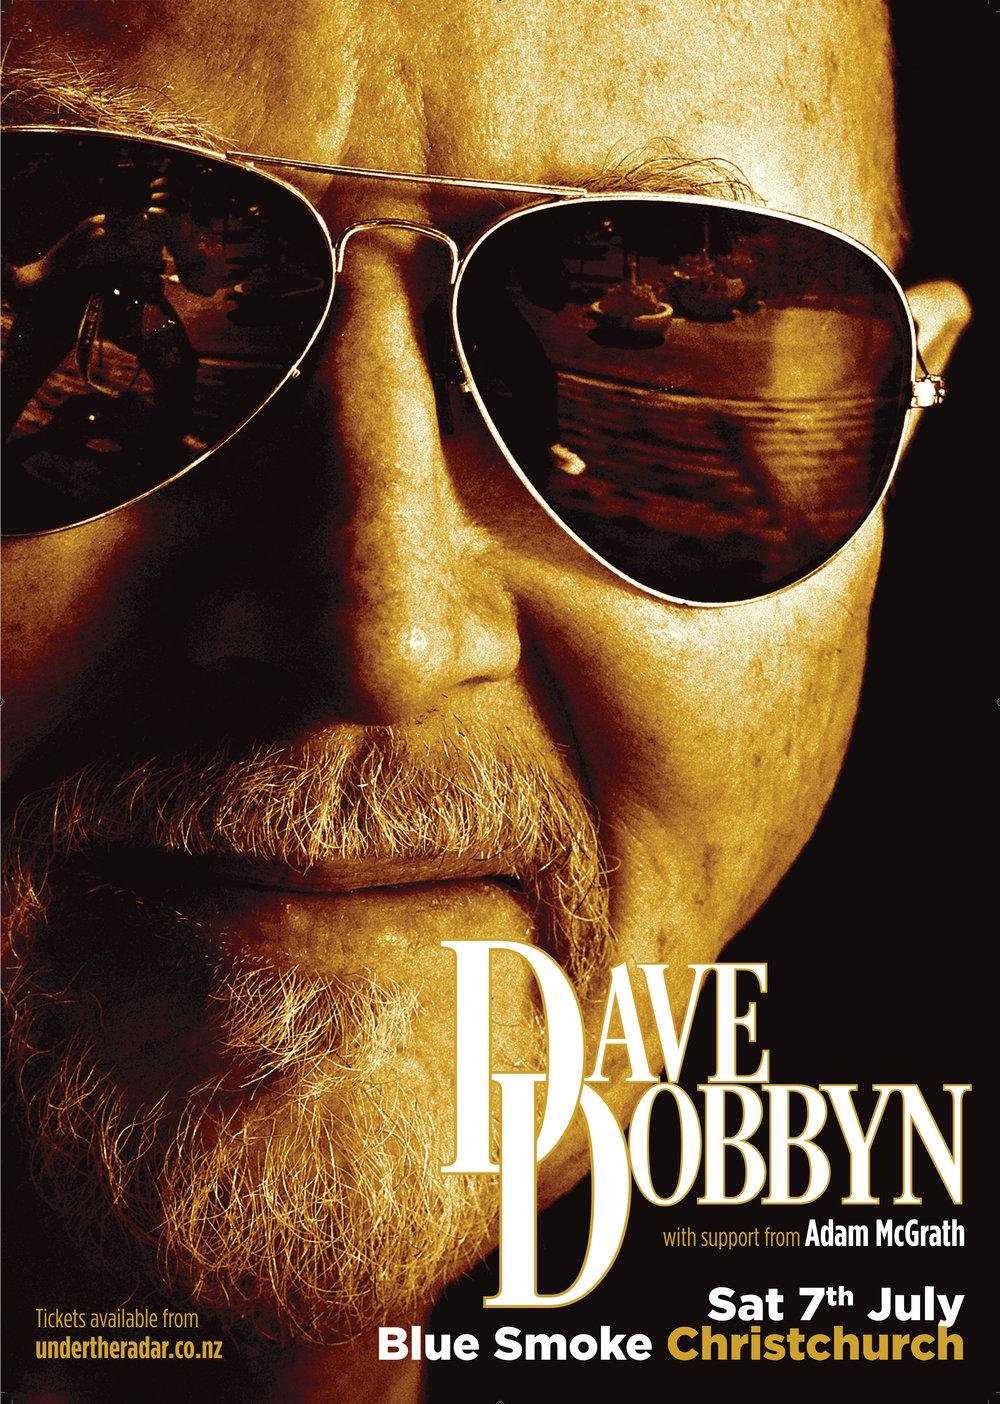 DAVE DOBBYN WINTER TOUR 2018 NEW (Page 04).jpg